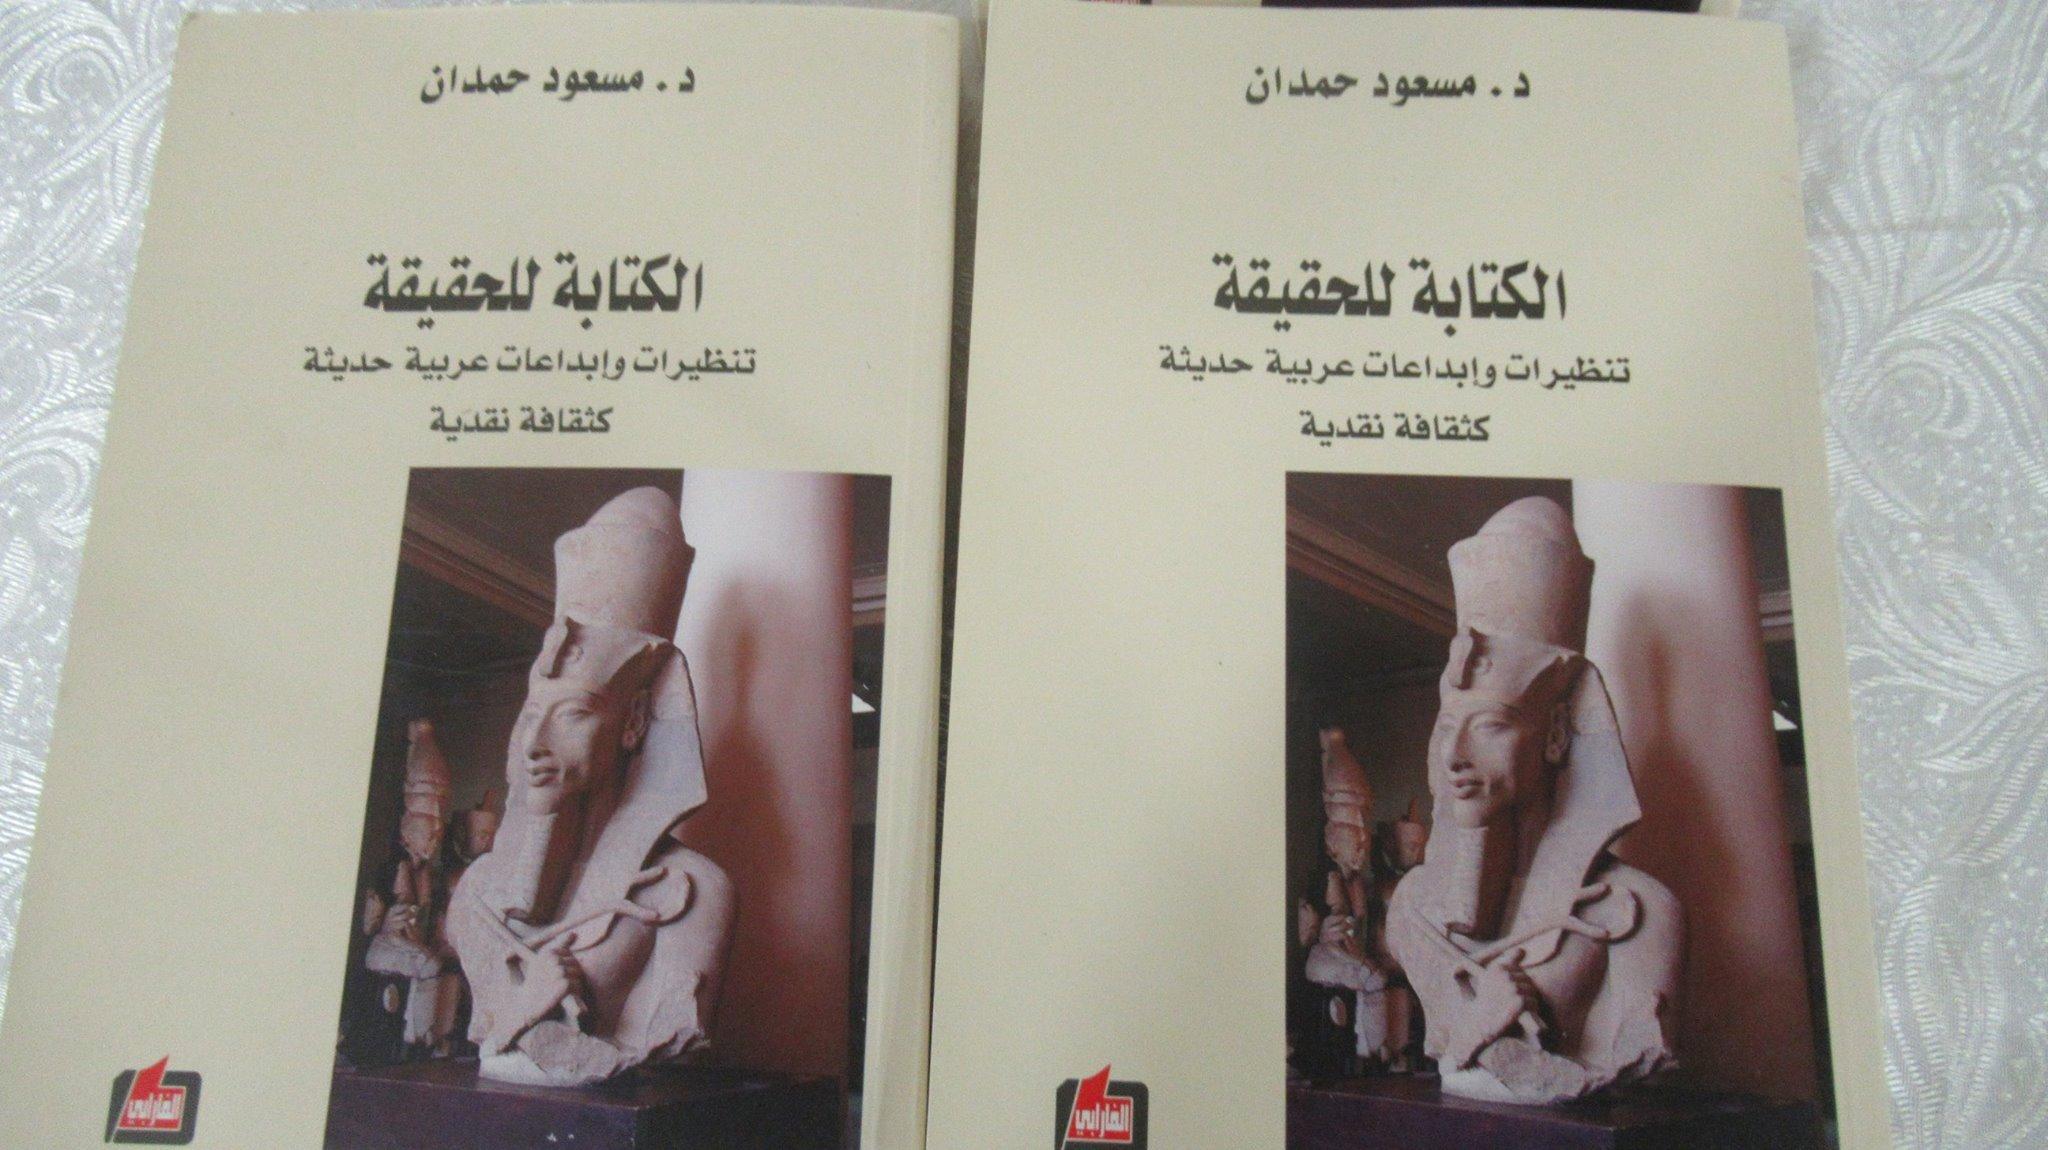 أمسية ثقافية مع الباحثين ب. قيس ماضي فرّو ود. مسعود حمدان -6